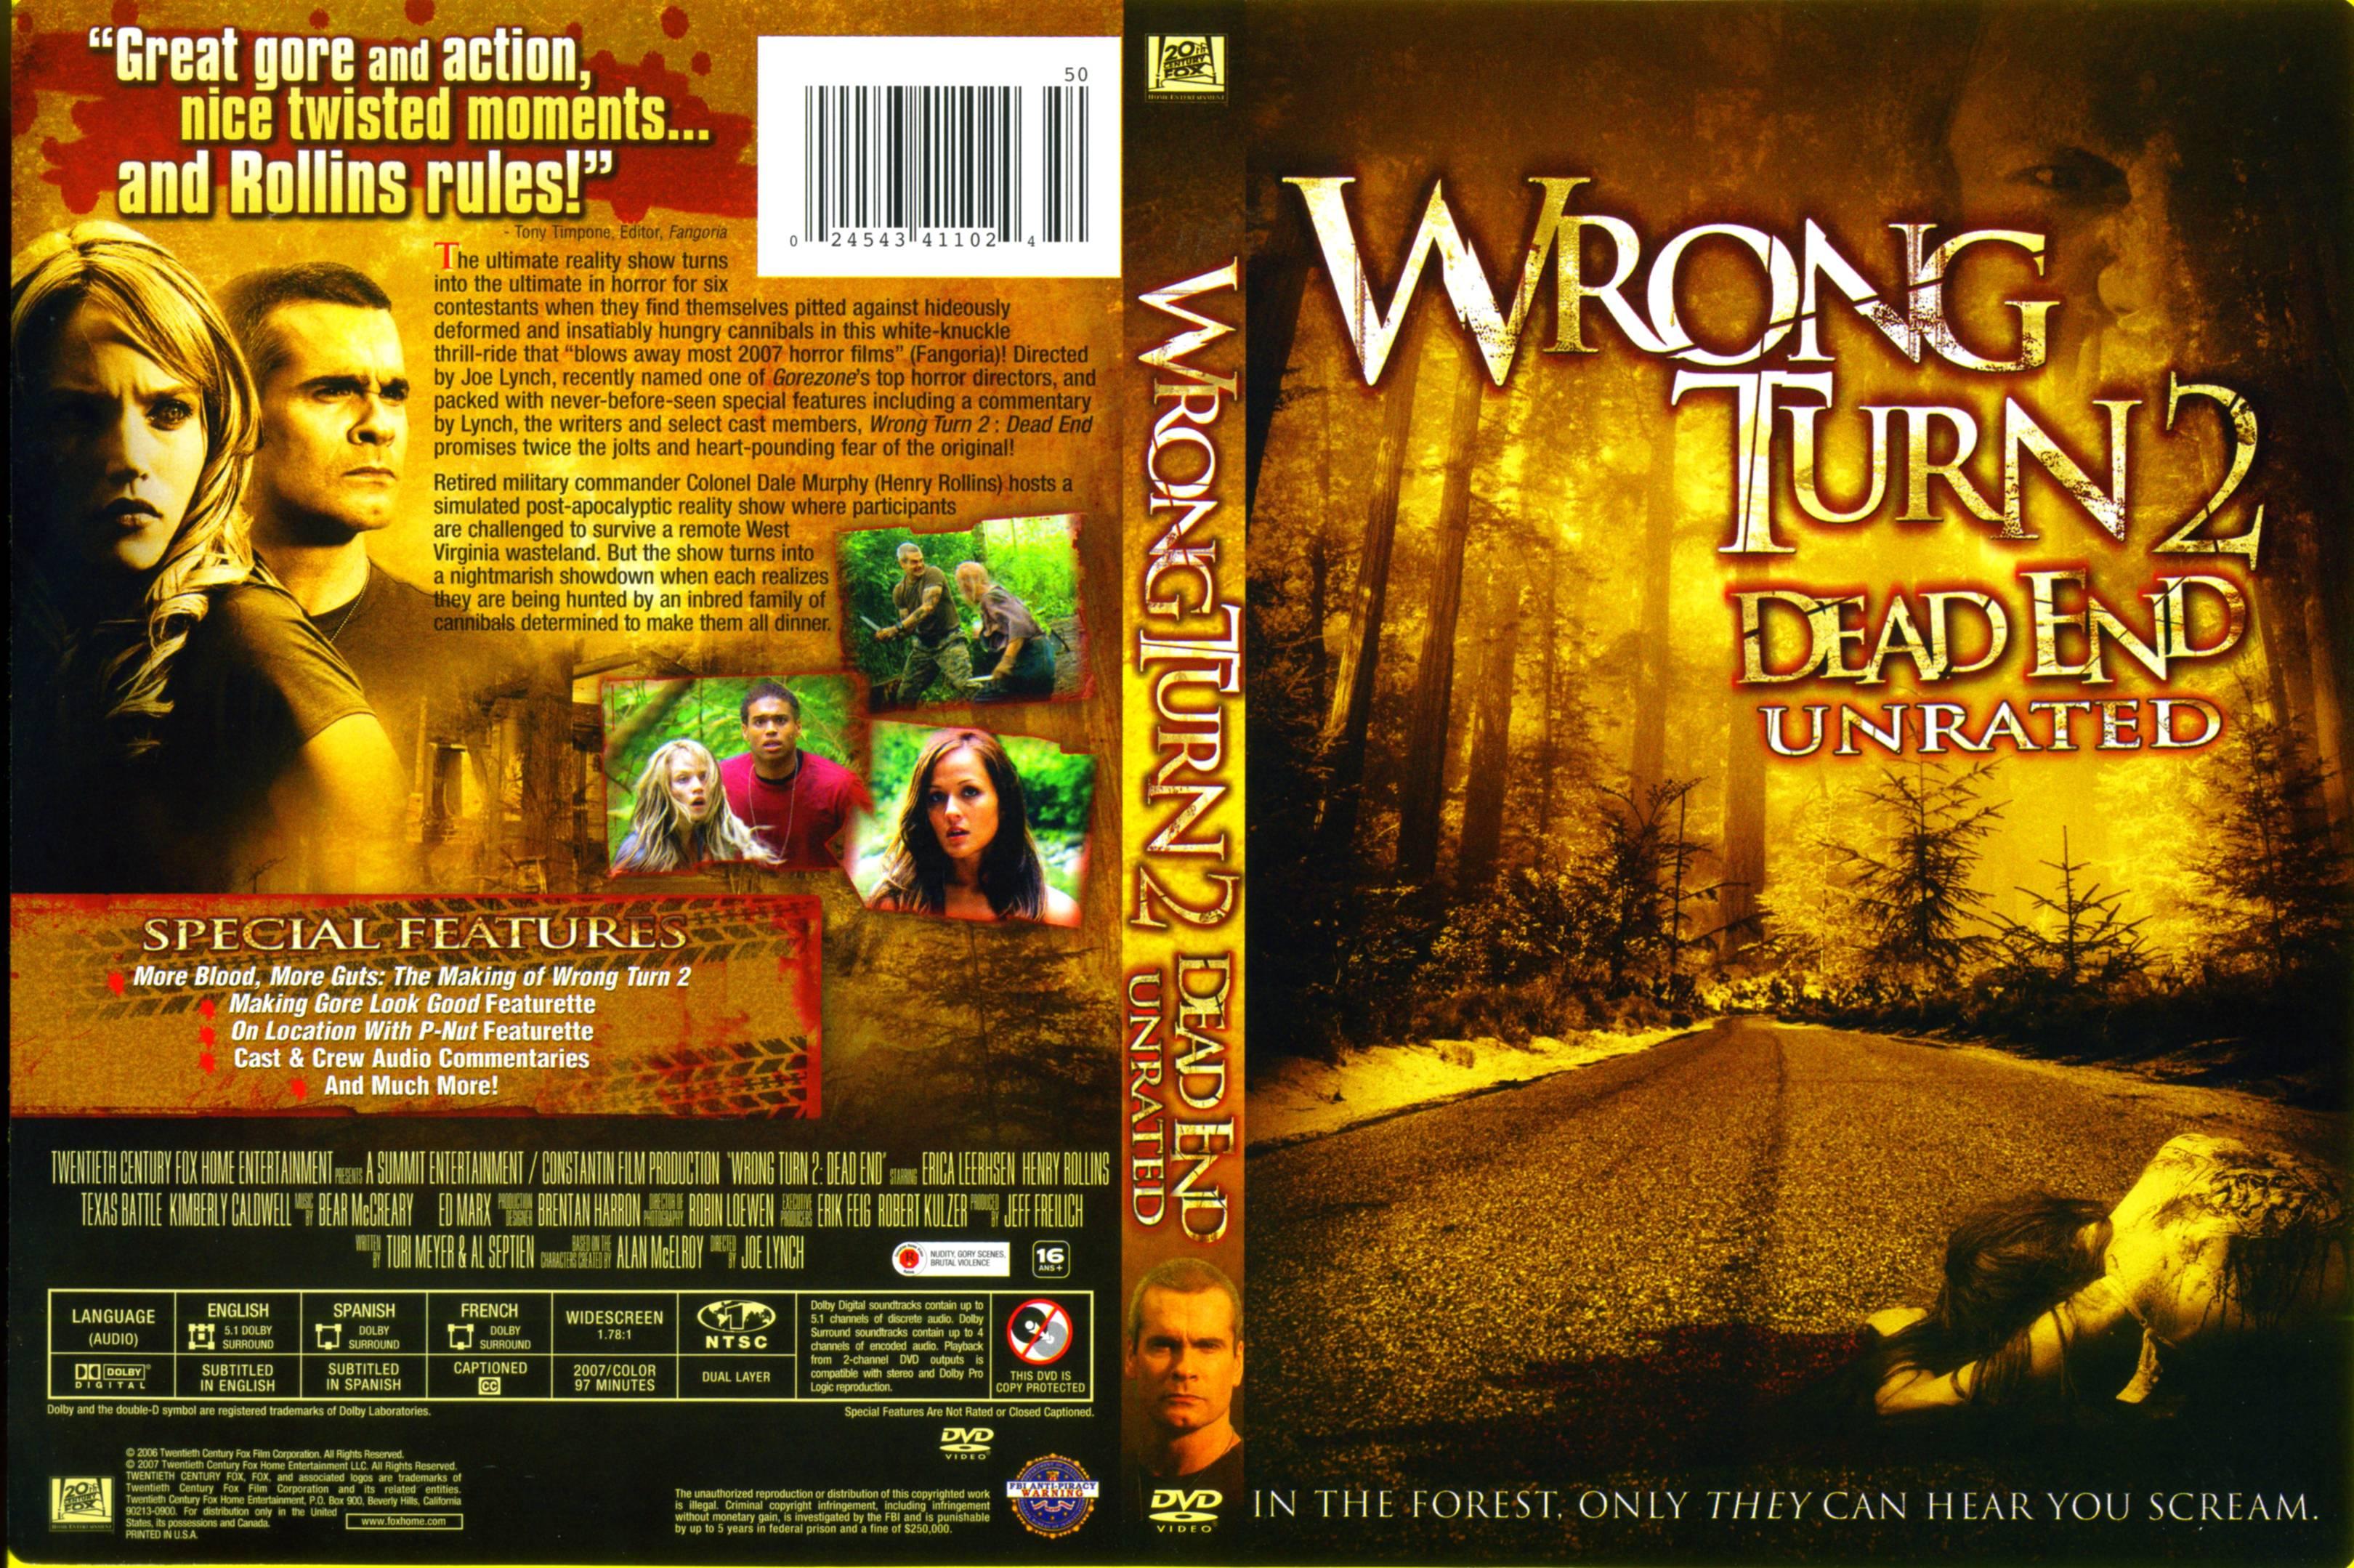 Wrong turn 4 bloody beginnings tenika davis amp kaitlyn wong movie - 1 1